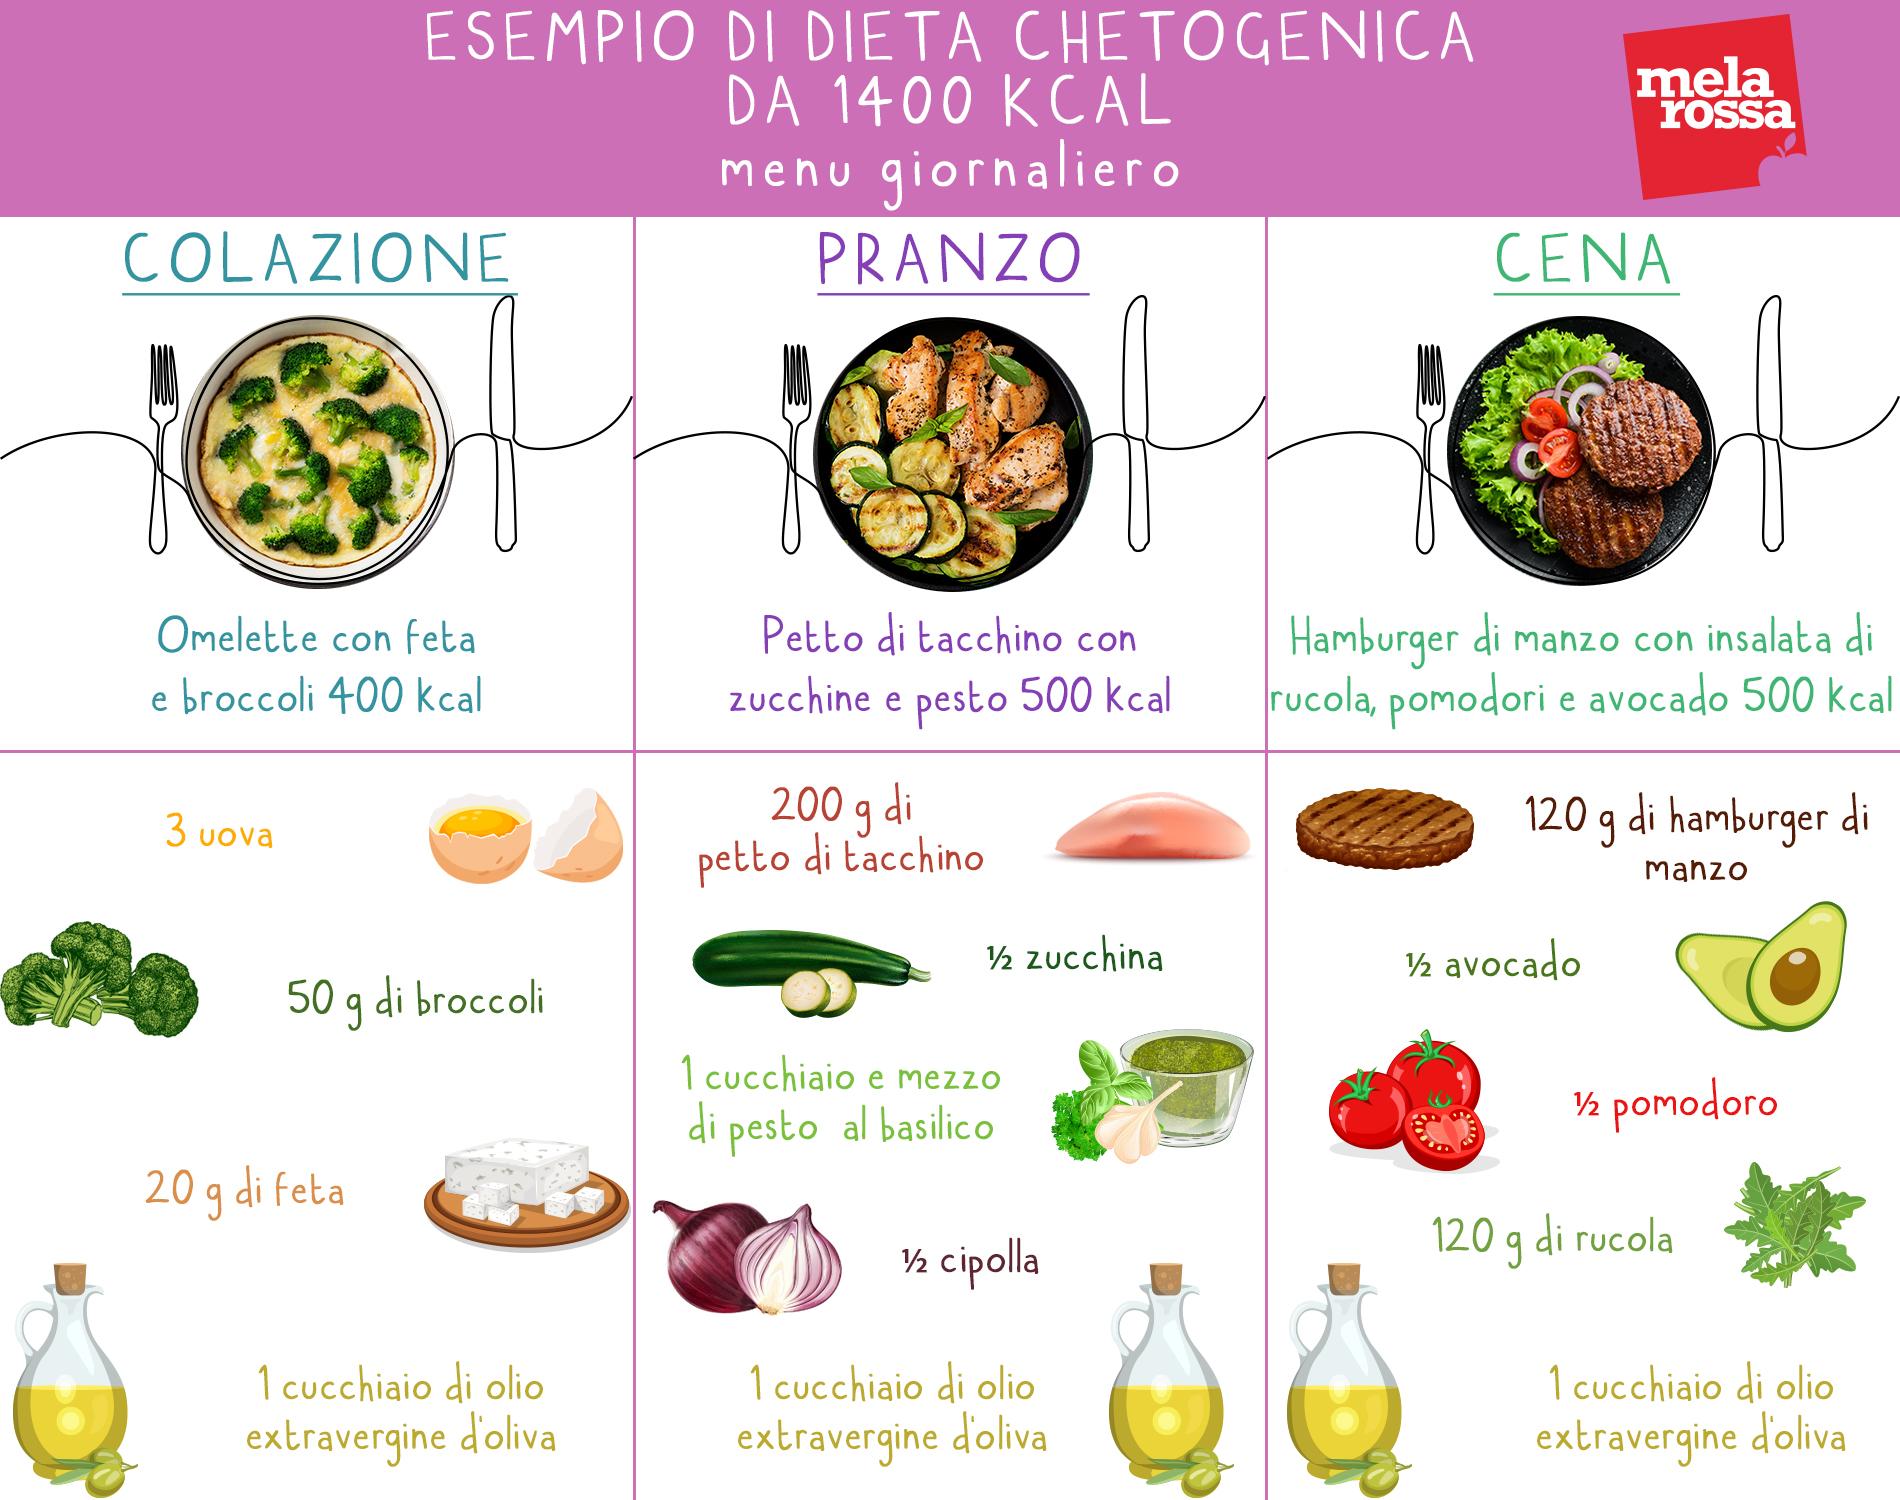 dieta chetogenica: esempio menù giornaliero